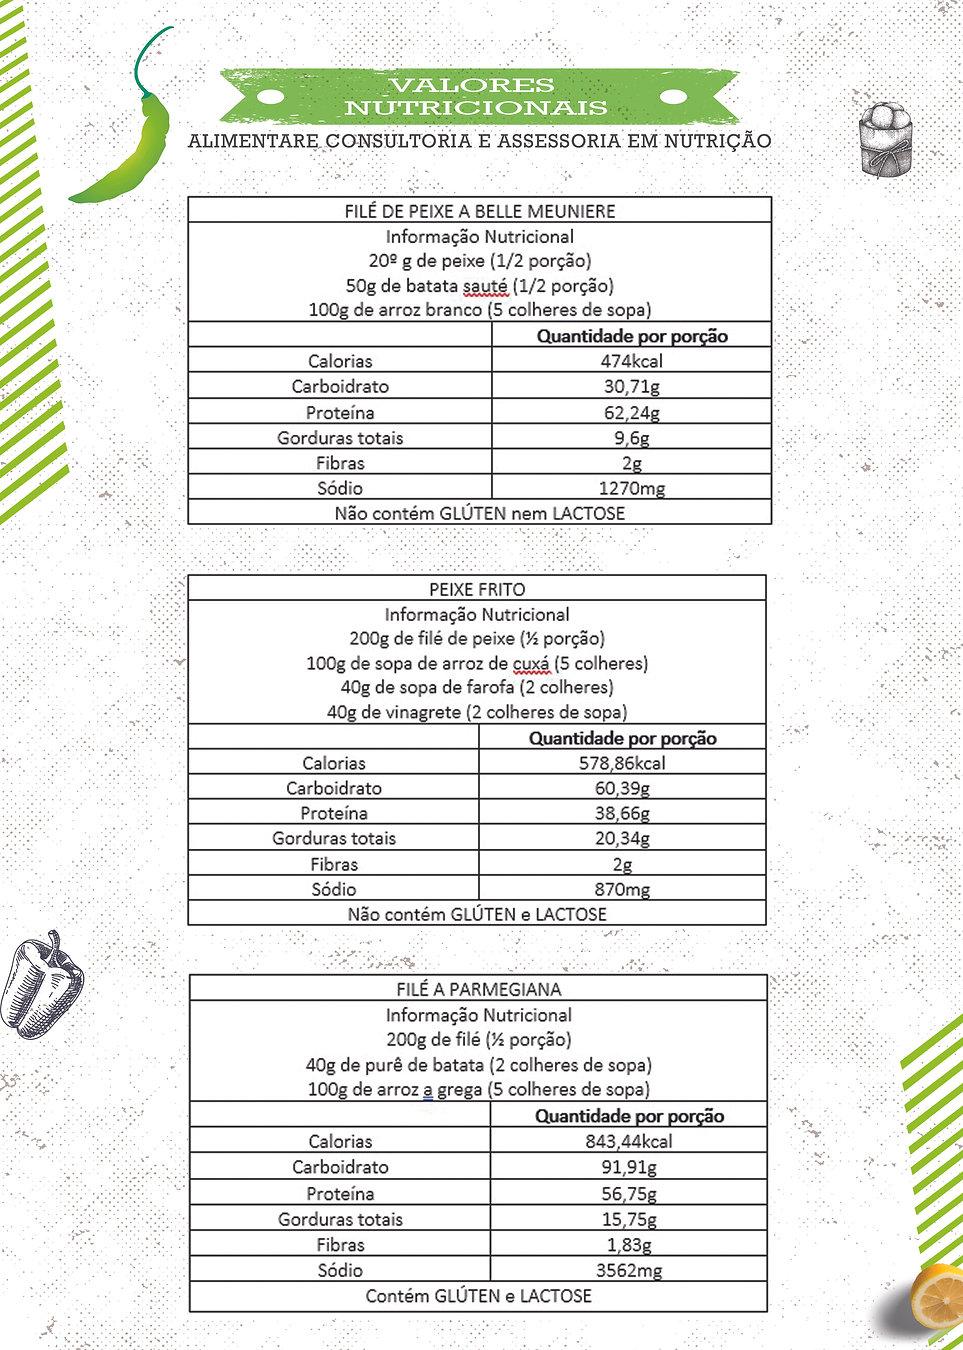 VALORES NUTRICIONAIS PAG 9.jpg